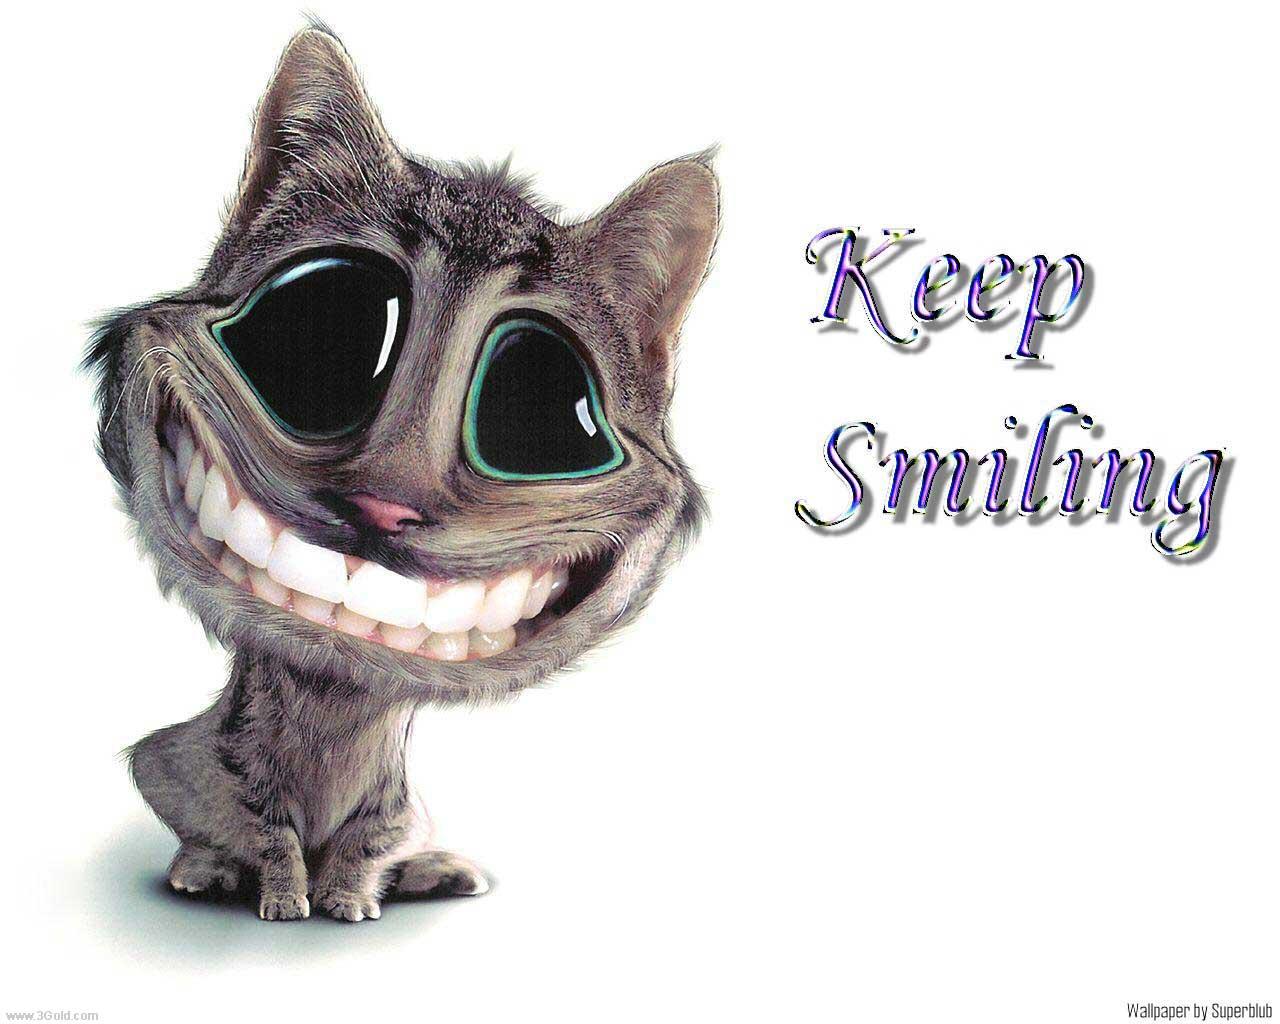 http://2.bp.blogspot.com/-CvIJGdtzrCo/TeY2ZB3D-QI/AAAAAAAAA7A/0AgagafPdAE/s1600/Funny%20images.jpg